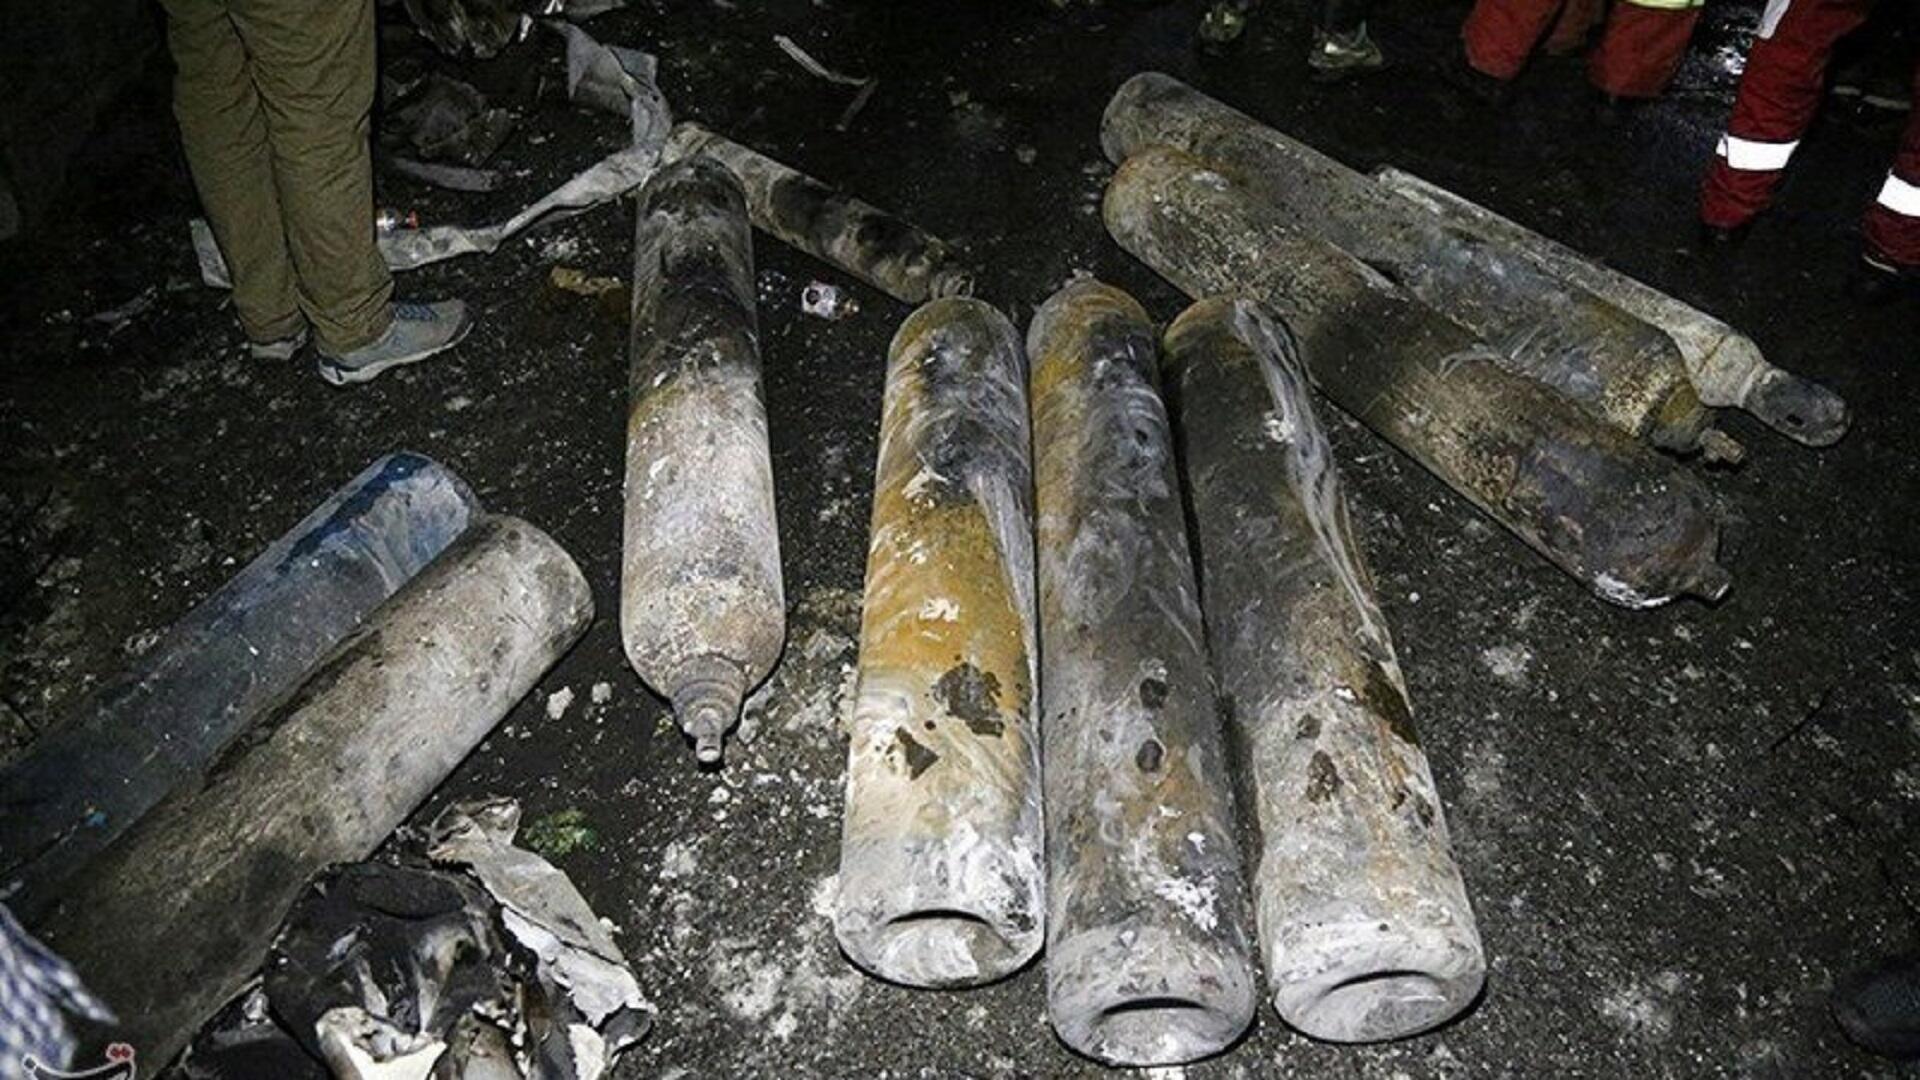 أسطوانات أكسجين في موقع انفجار بعيادة طبية شمال العاصمة الإيرانية طهران، 30 يونيو/حزيران 2020.